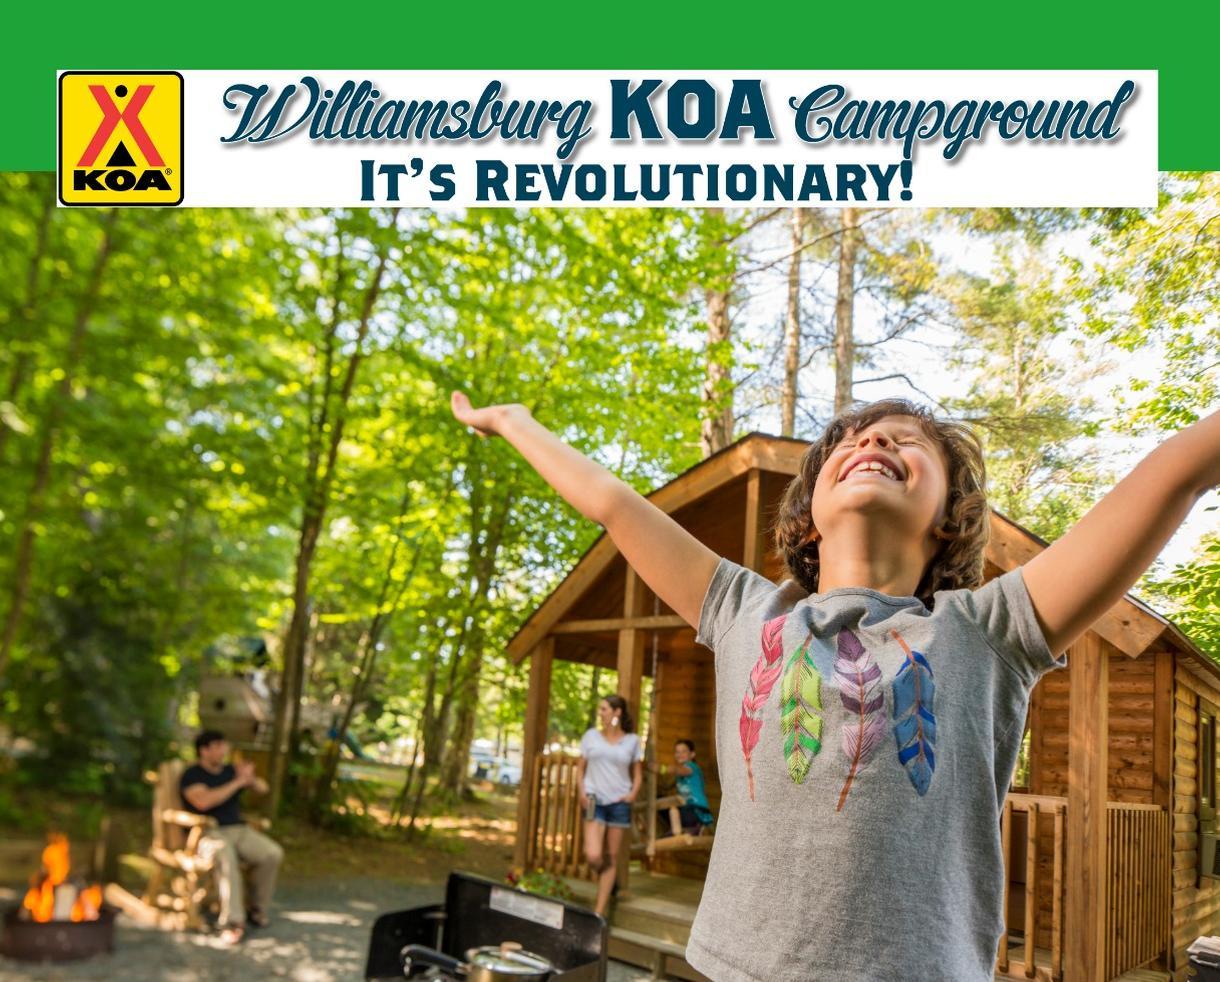 Williamsburg KOA Cabin or Camping Getaway